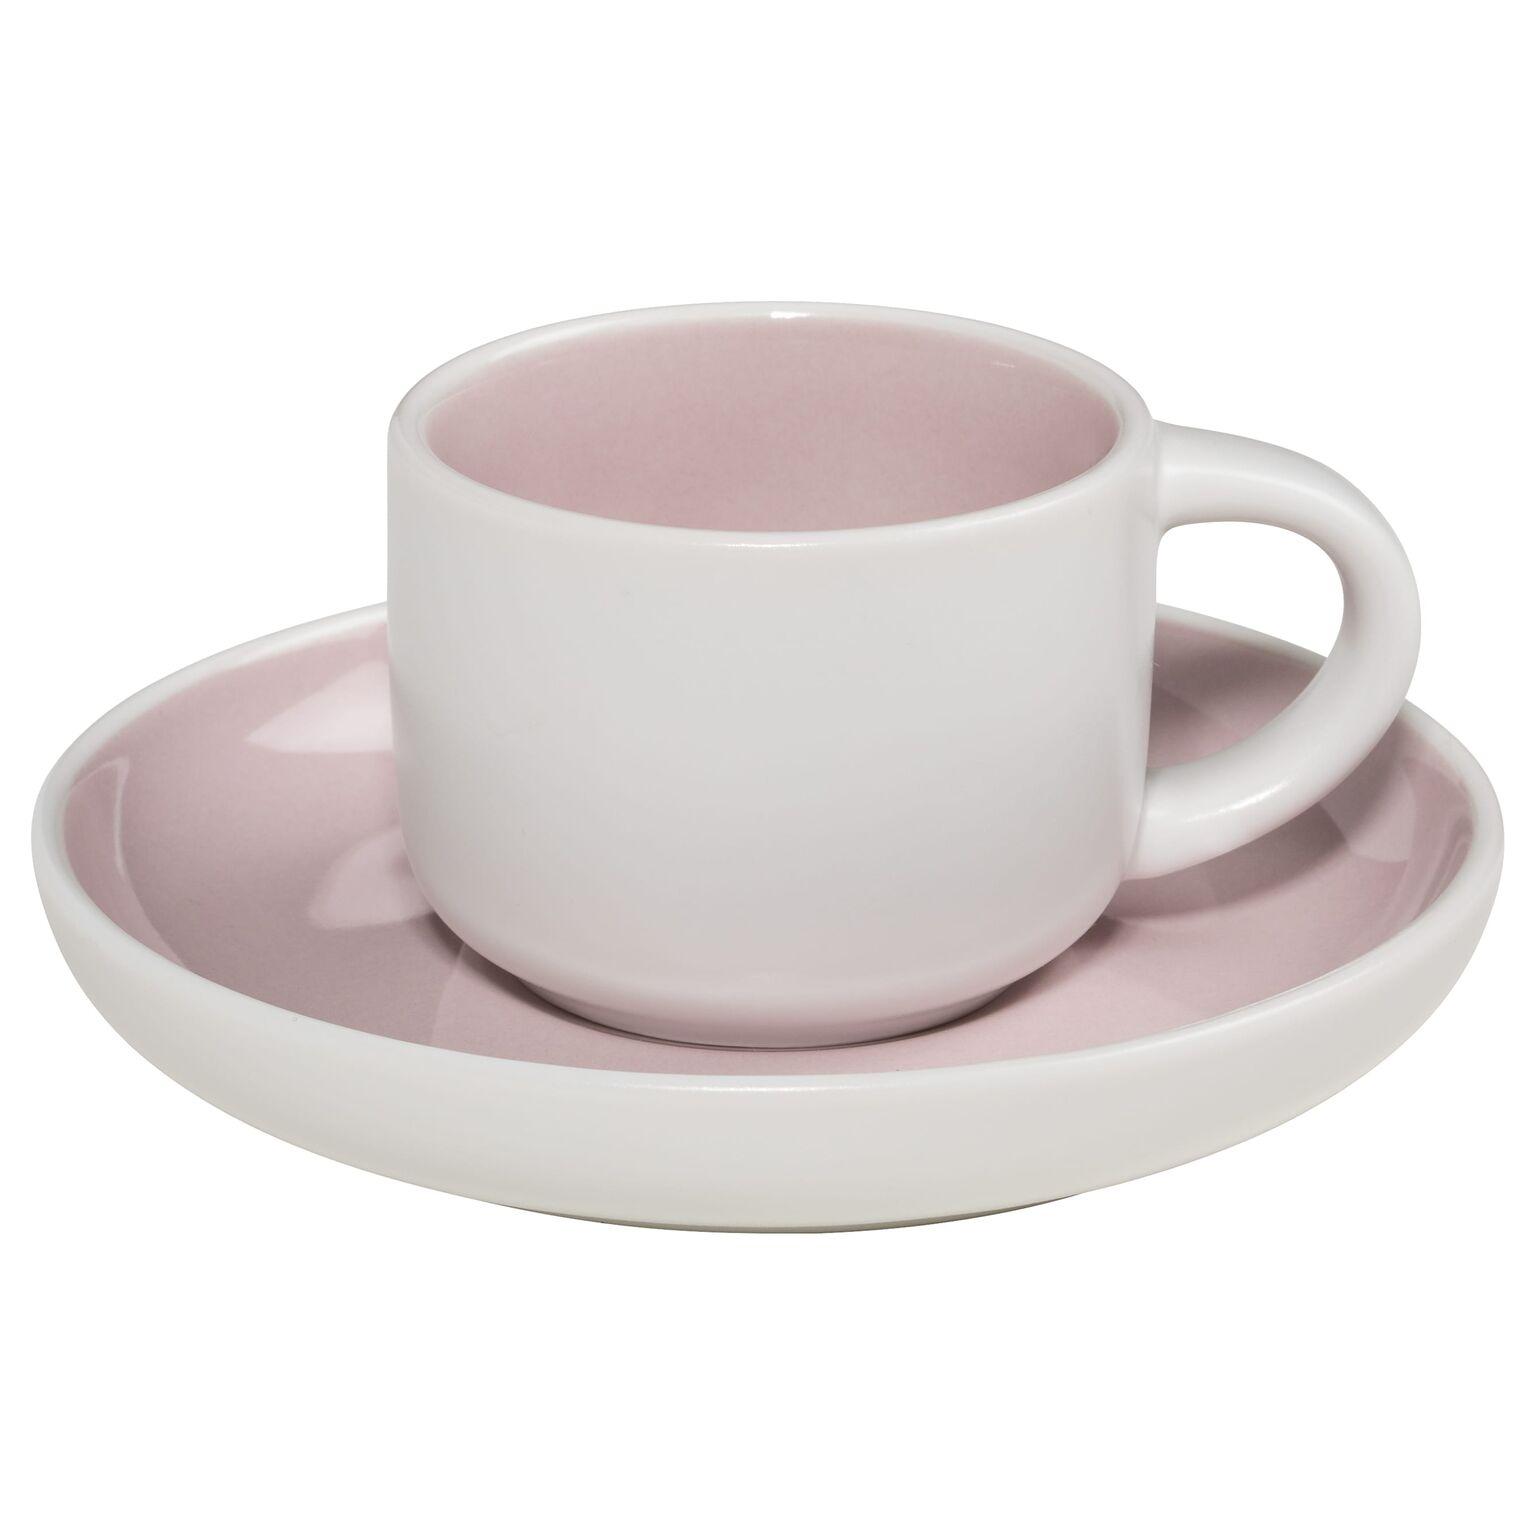 6b5423fa Filiżanka do espresso Tint, różowa, pojemność 100 ml